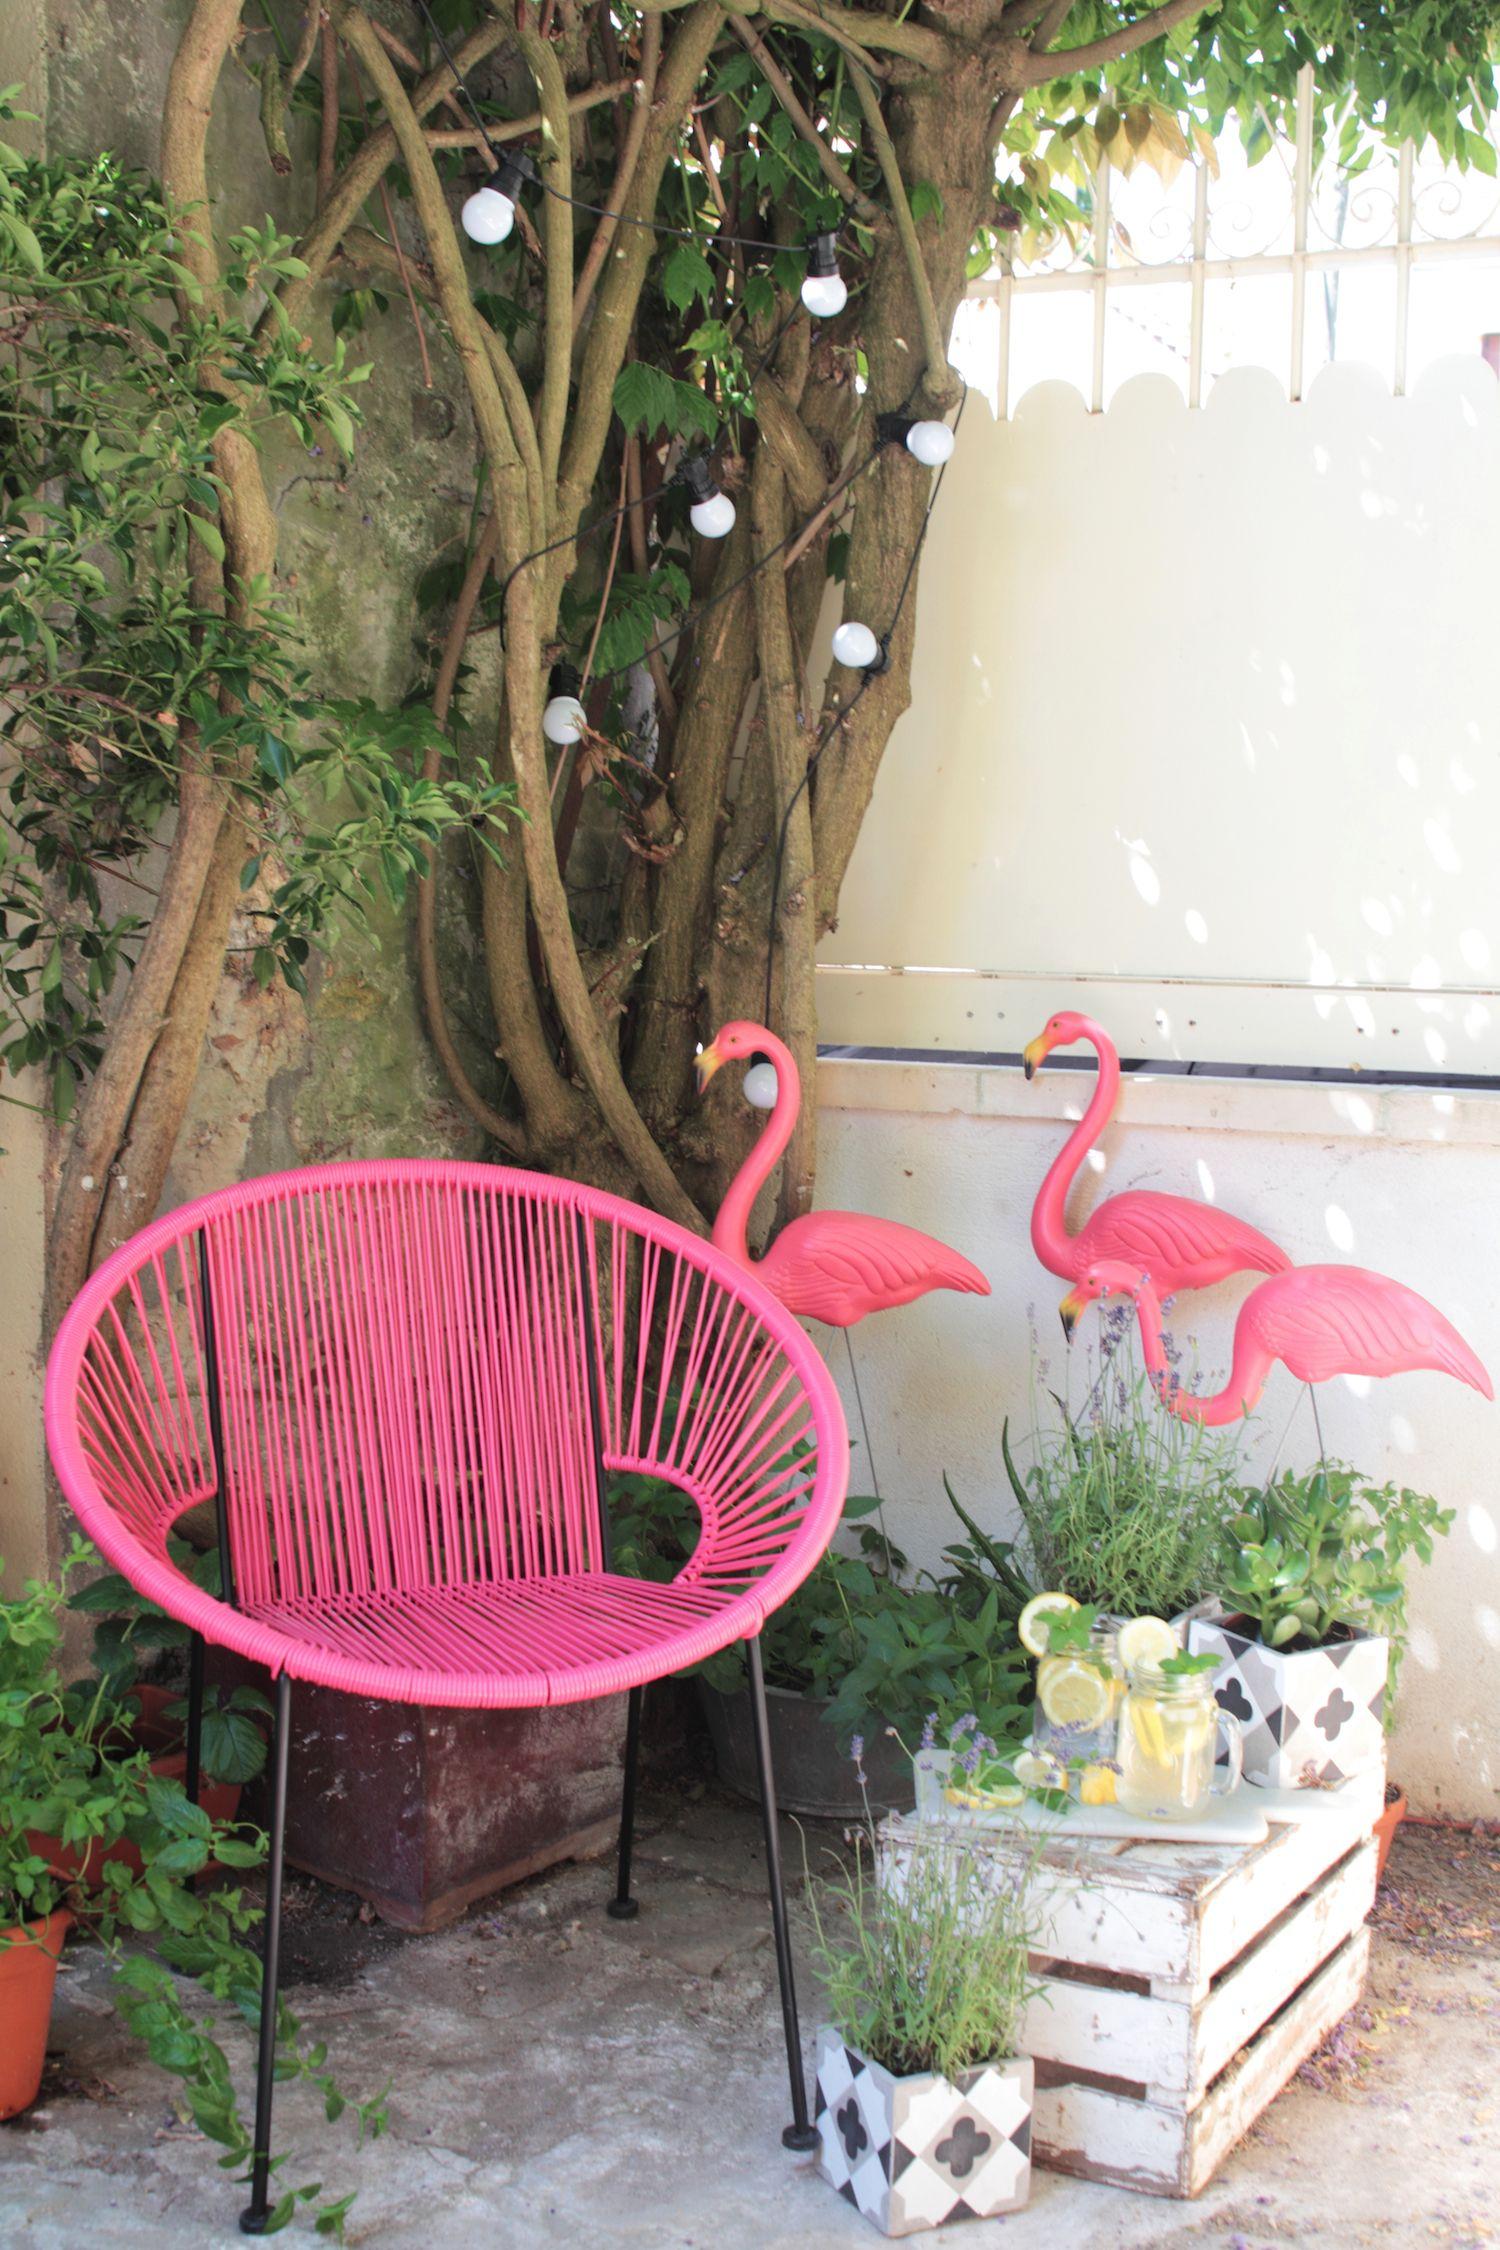 The Perfect Equation Plants Ceramic Tiles Garland Lights Flamingos Pink Chair Pinkchair Decoracion De Patio Decoracion De Unas Rincon De Jardin